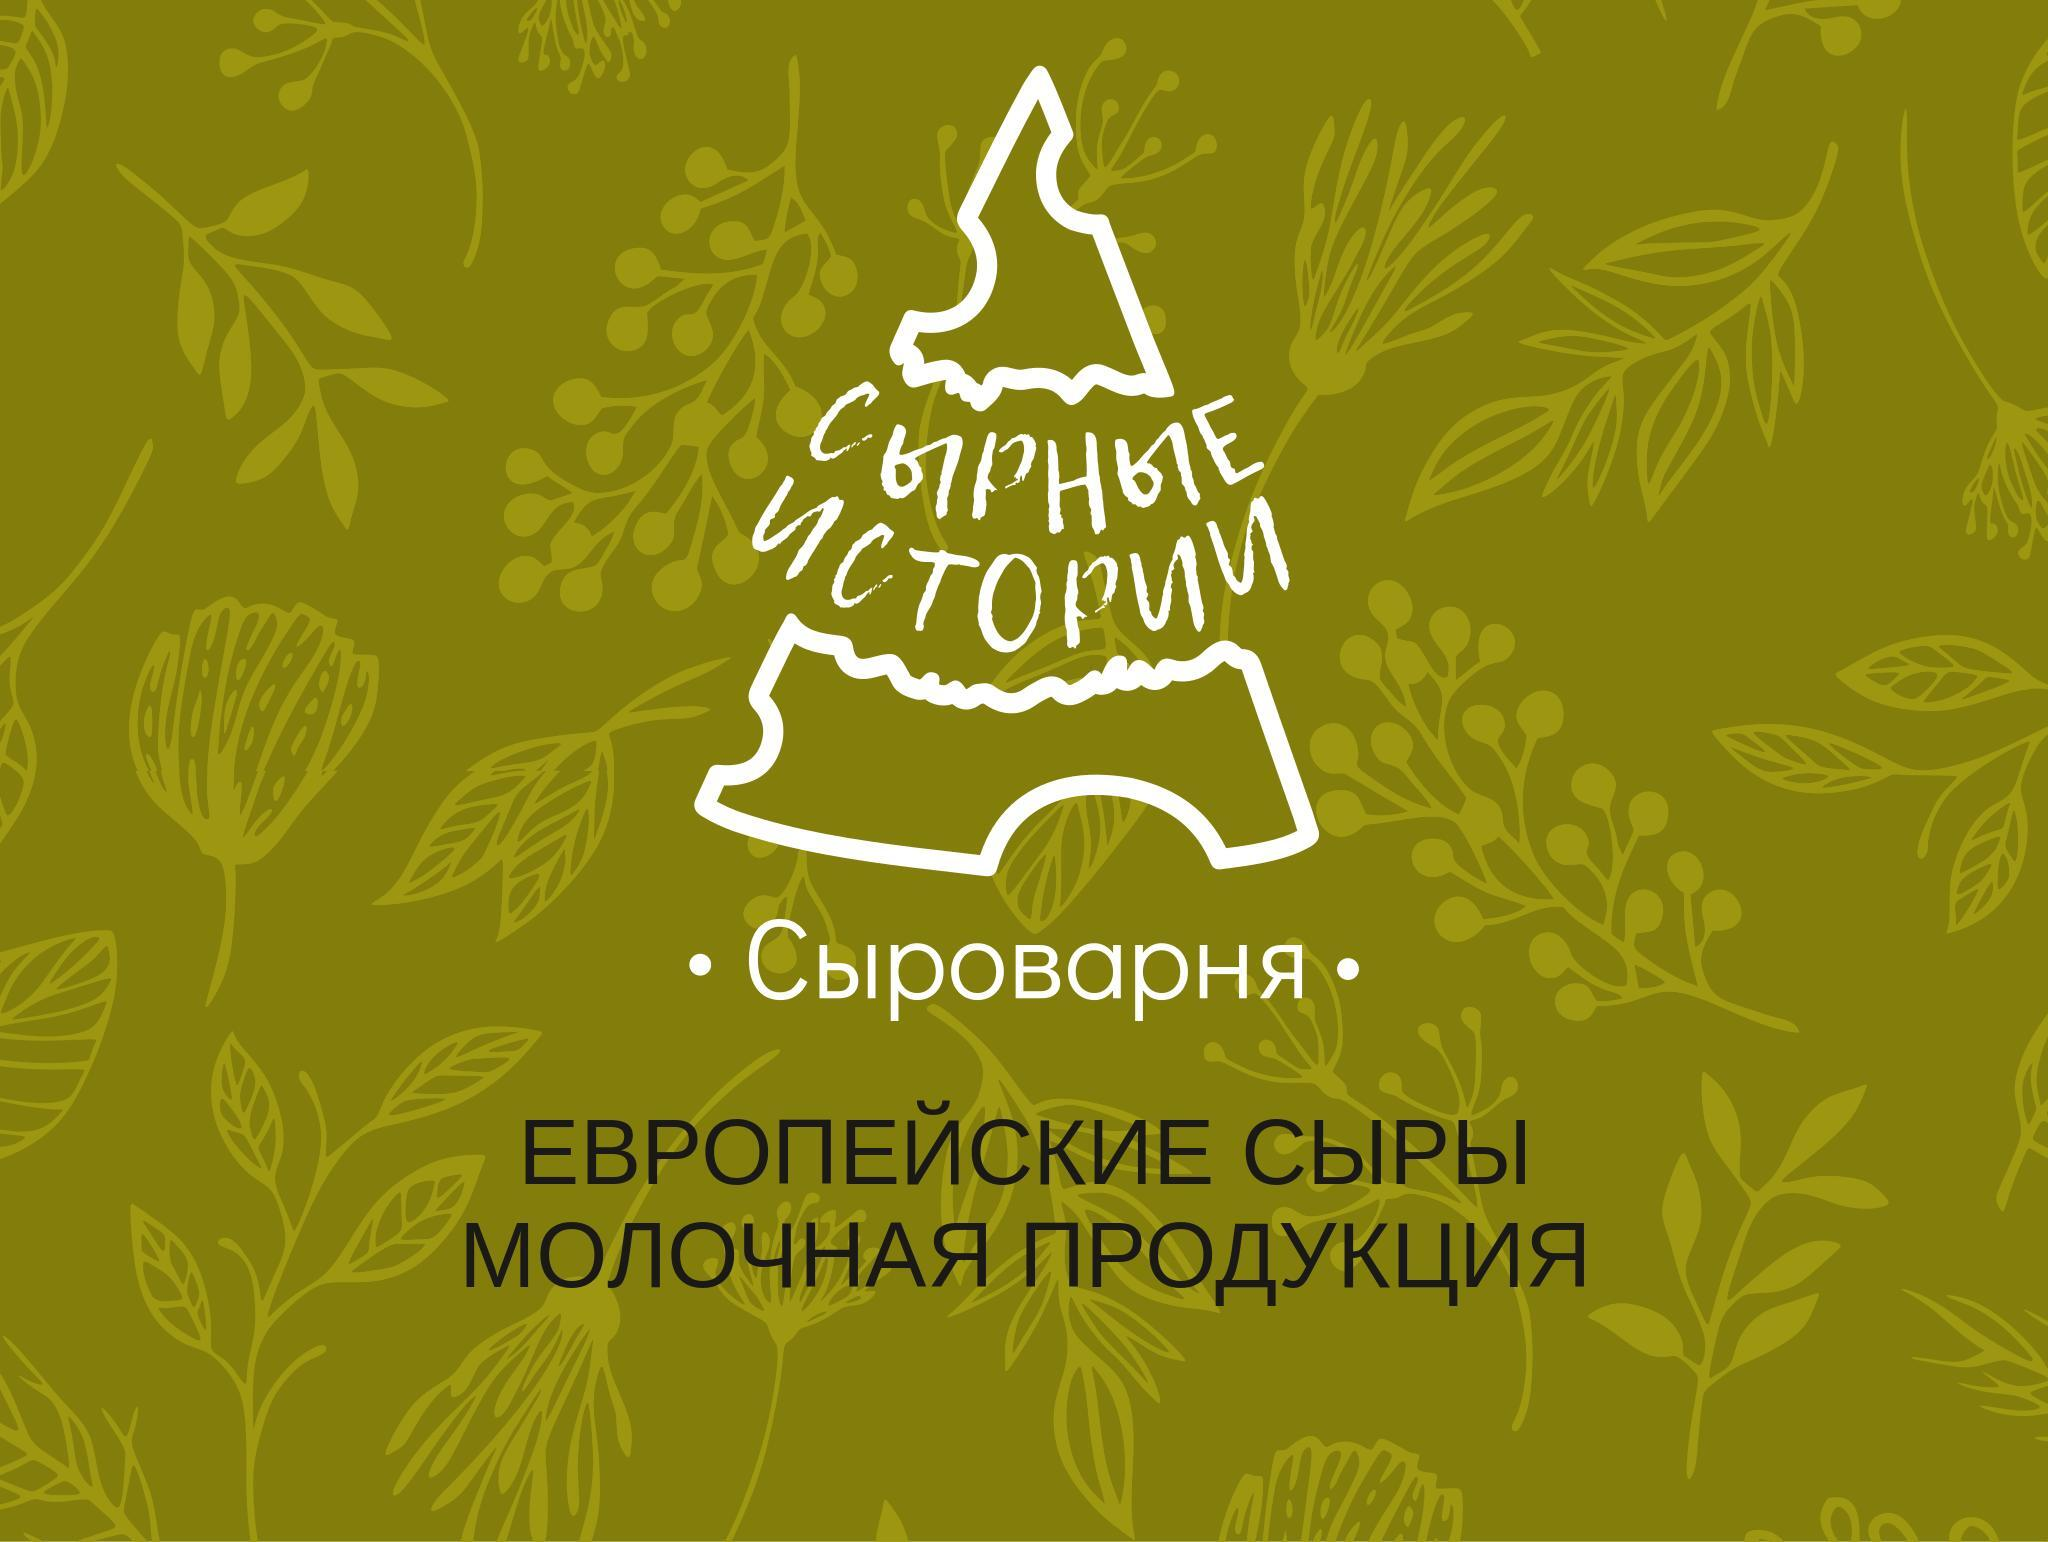 Сельскохозяйственный потребительский сбытовой кооператив «Сырные истории», ИНН 2323026419